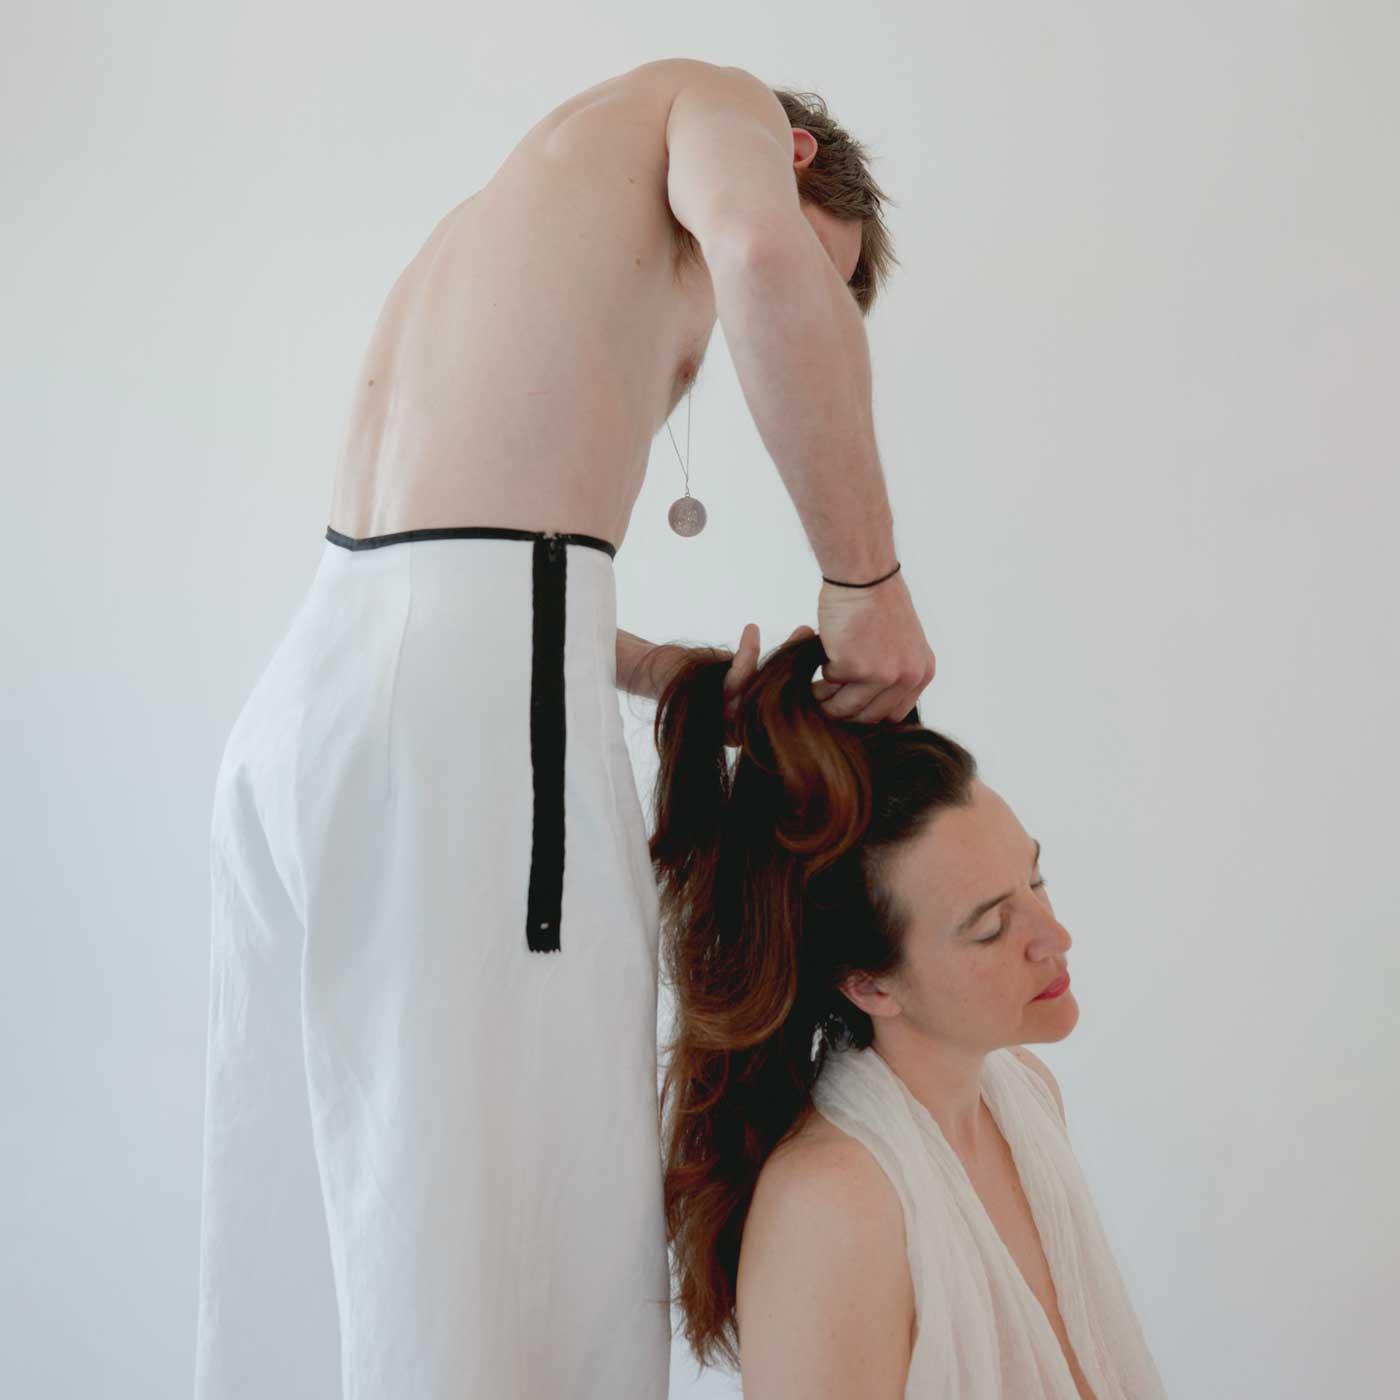 pantalon-vitruve-coiffeur